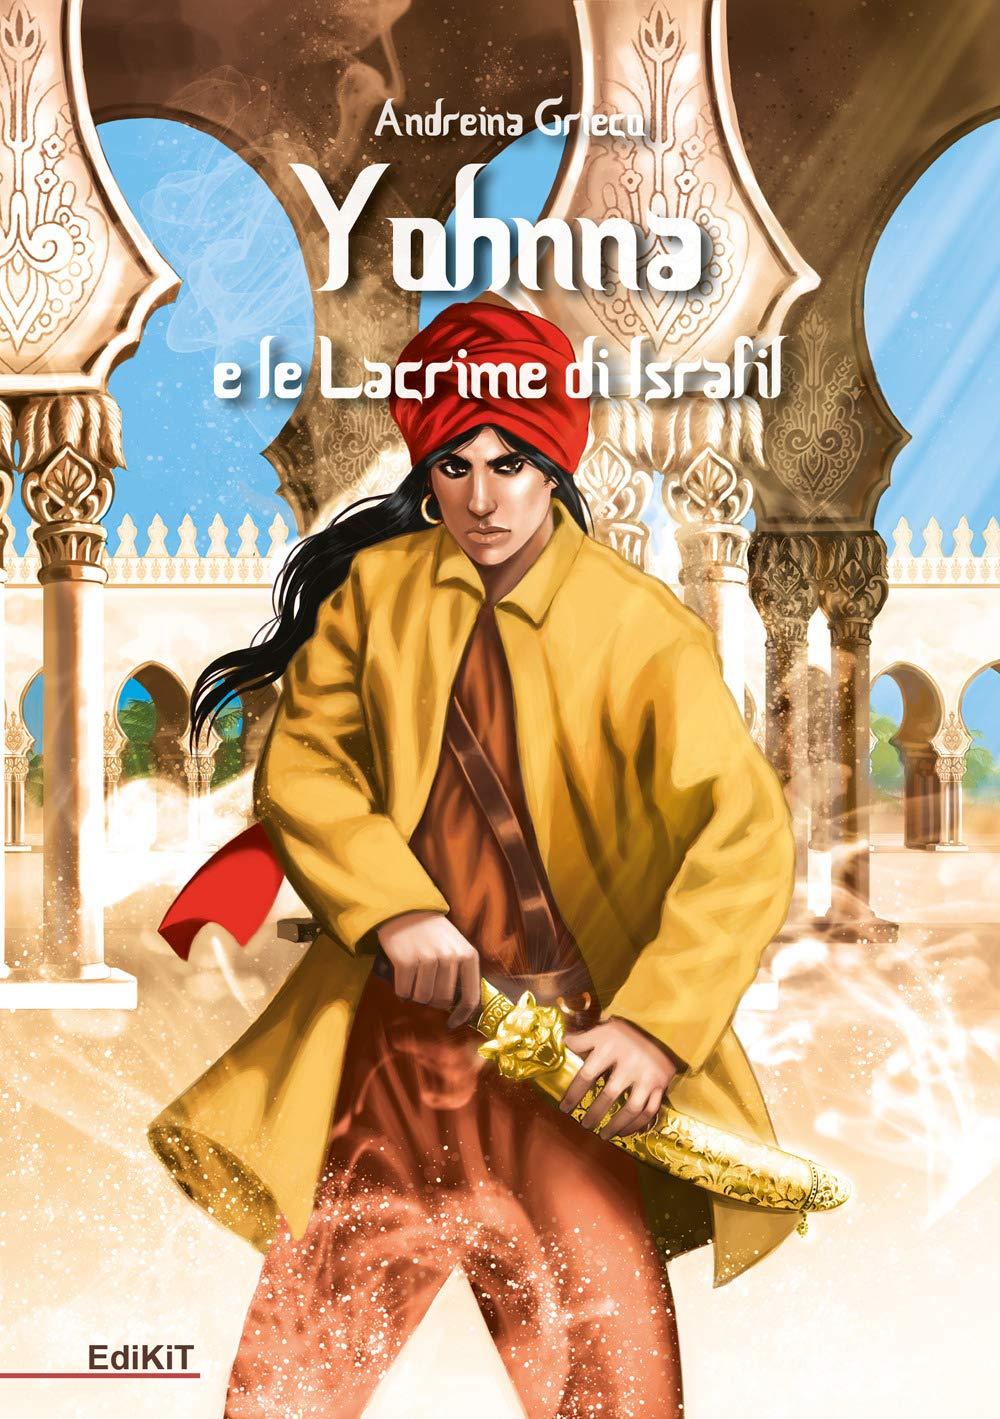 Yohnna e le Lacrime di Israfil